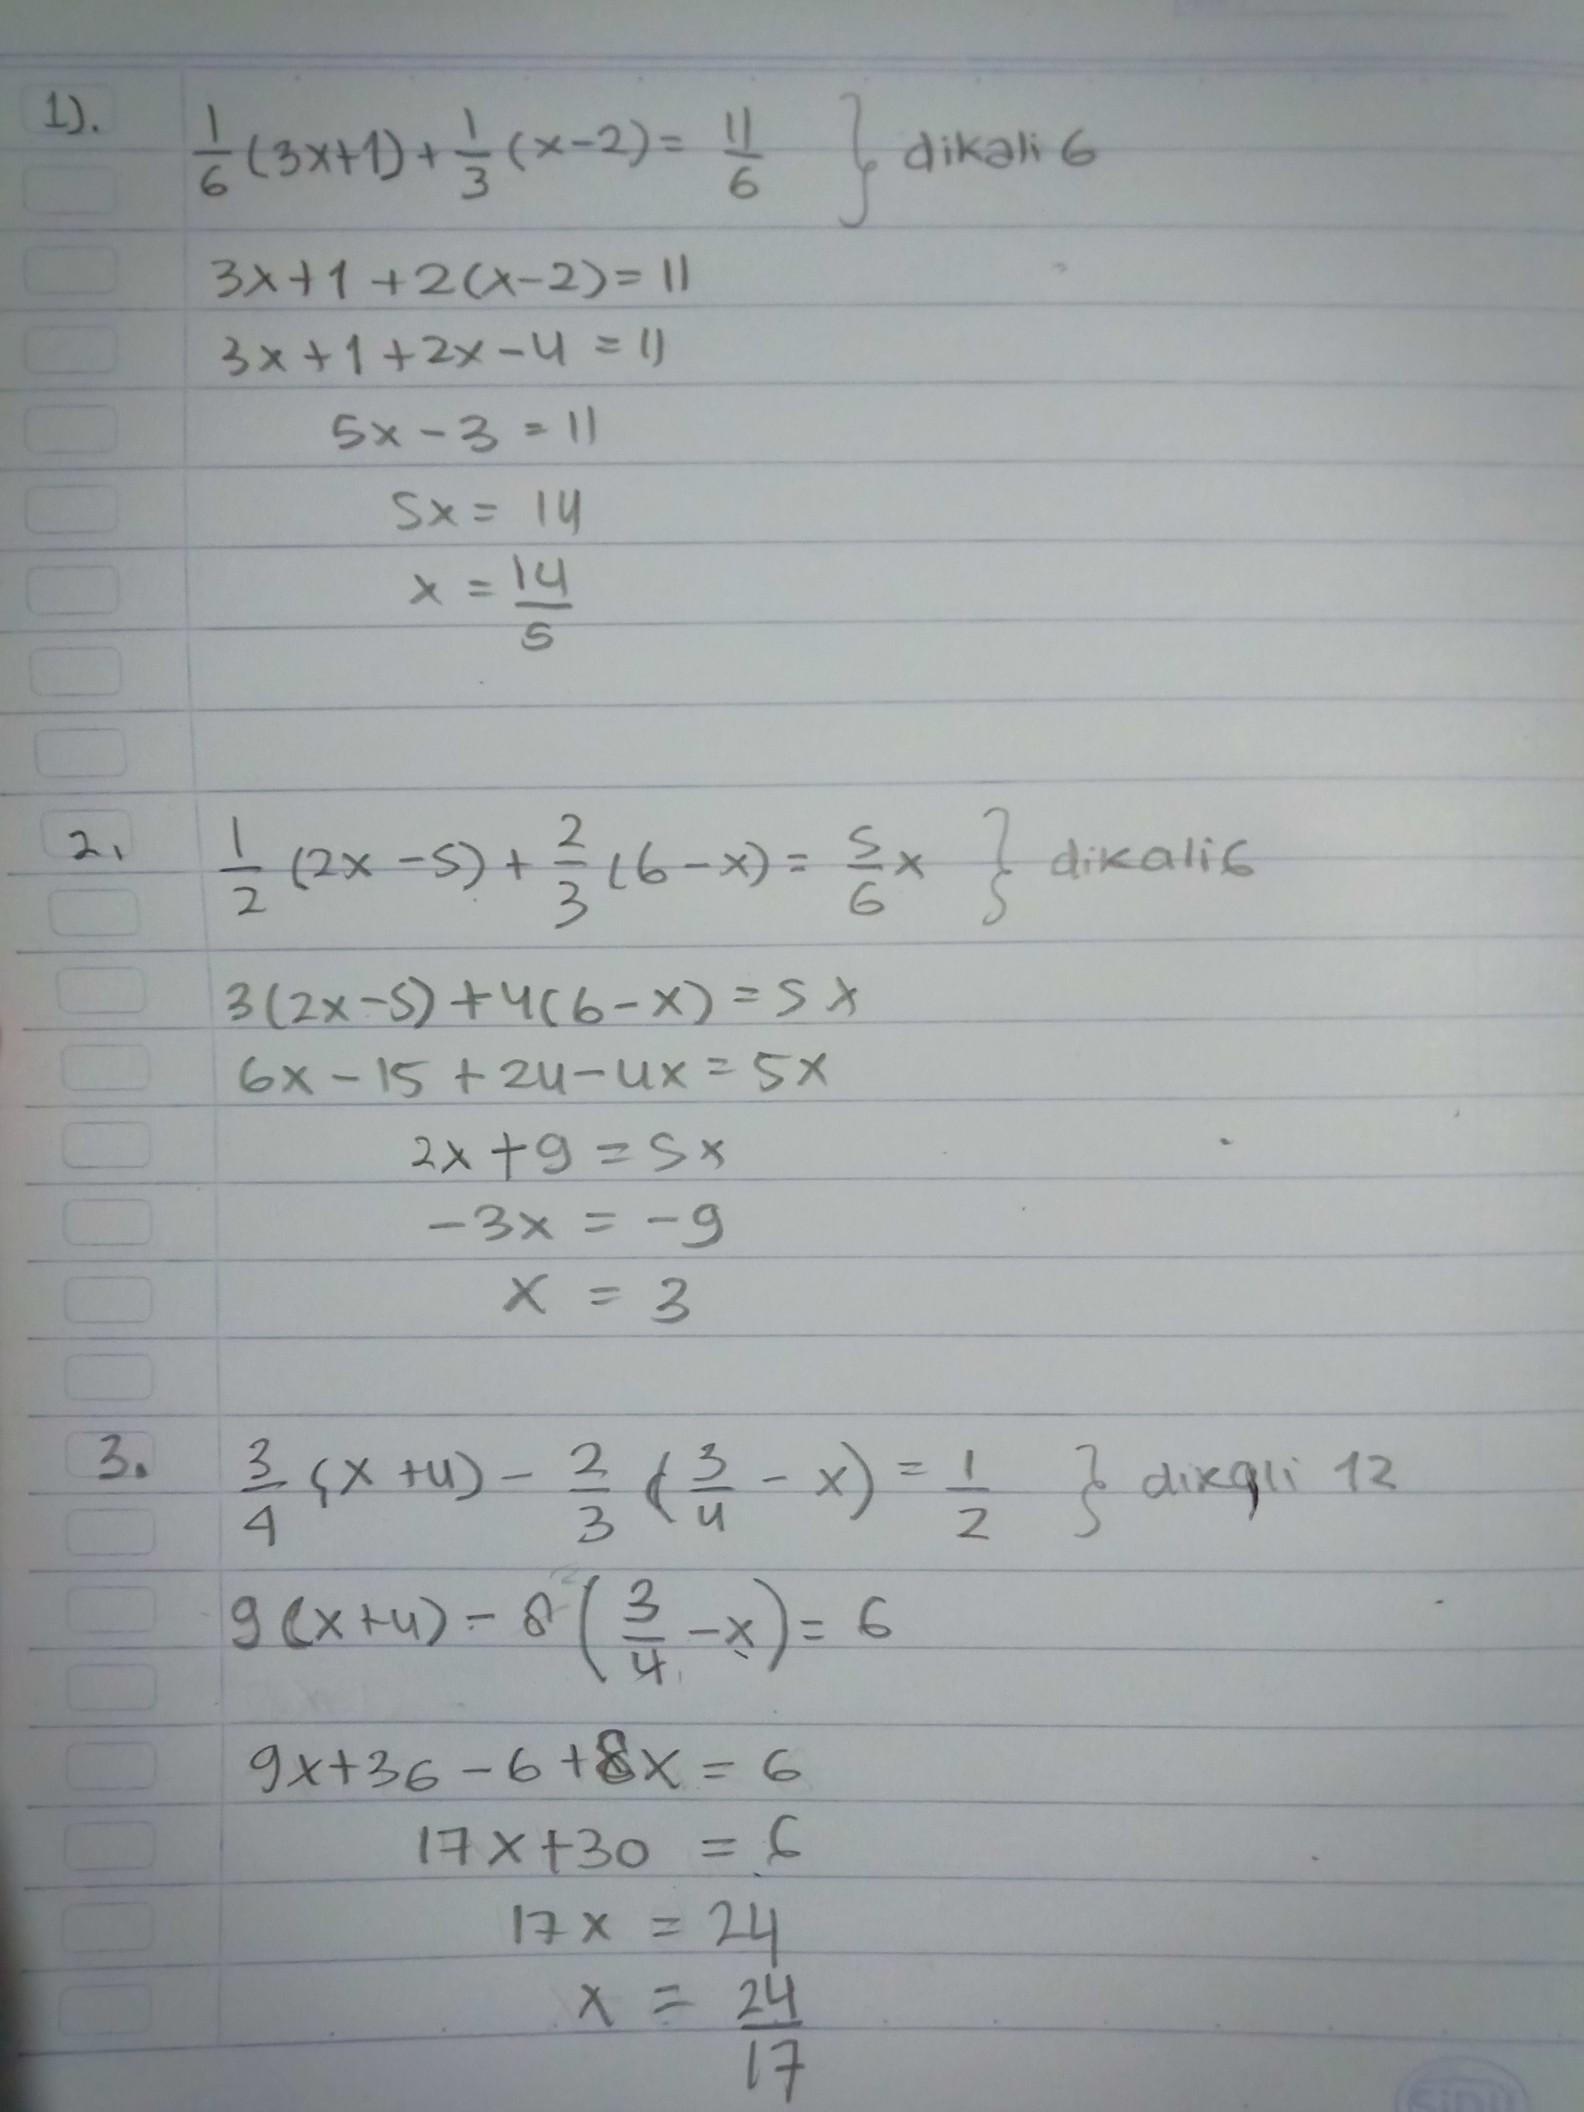 Hasil Dari 1 1 6 3x 1 1 3 X 2 1 1 6 2 1 2 2x 5 2 3 6 X 5 6x 3 3 4 X 4 Brainly Co Id